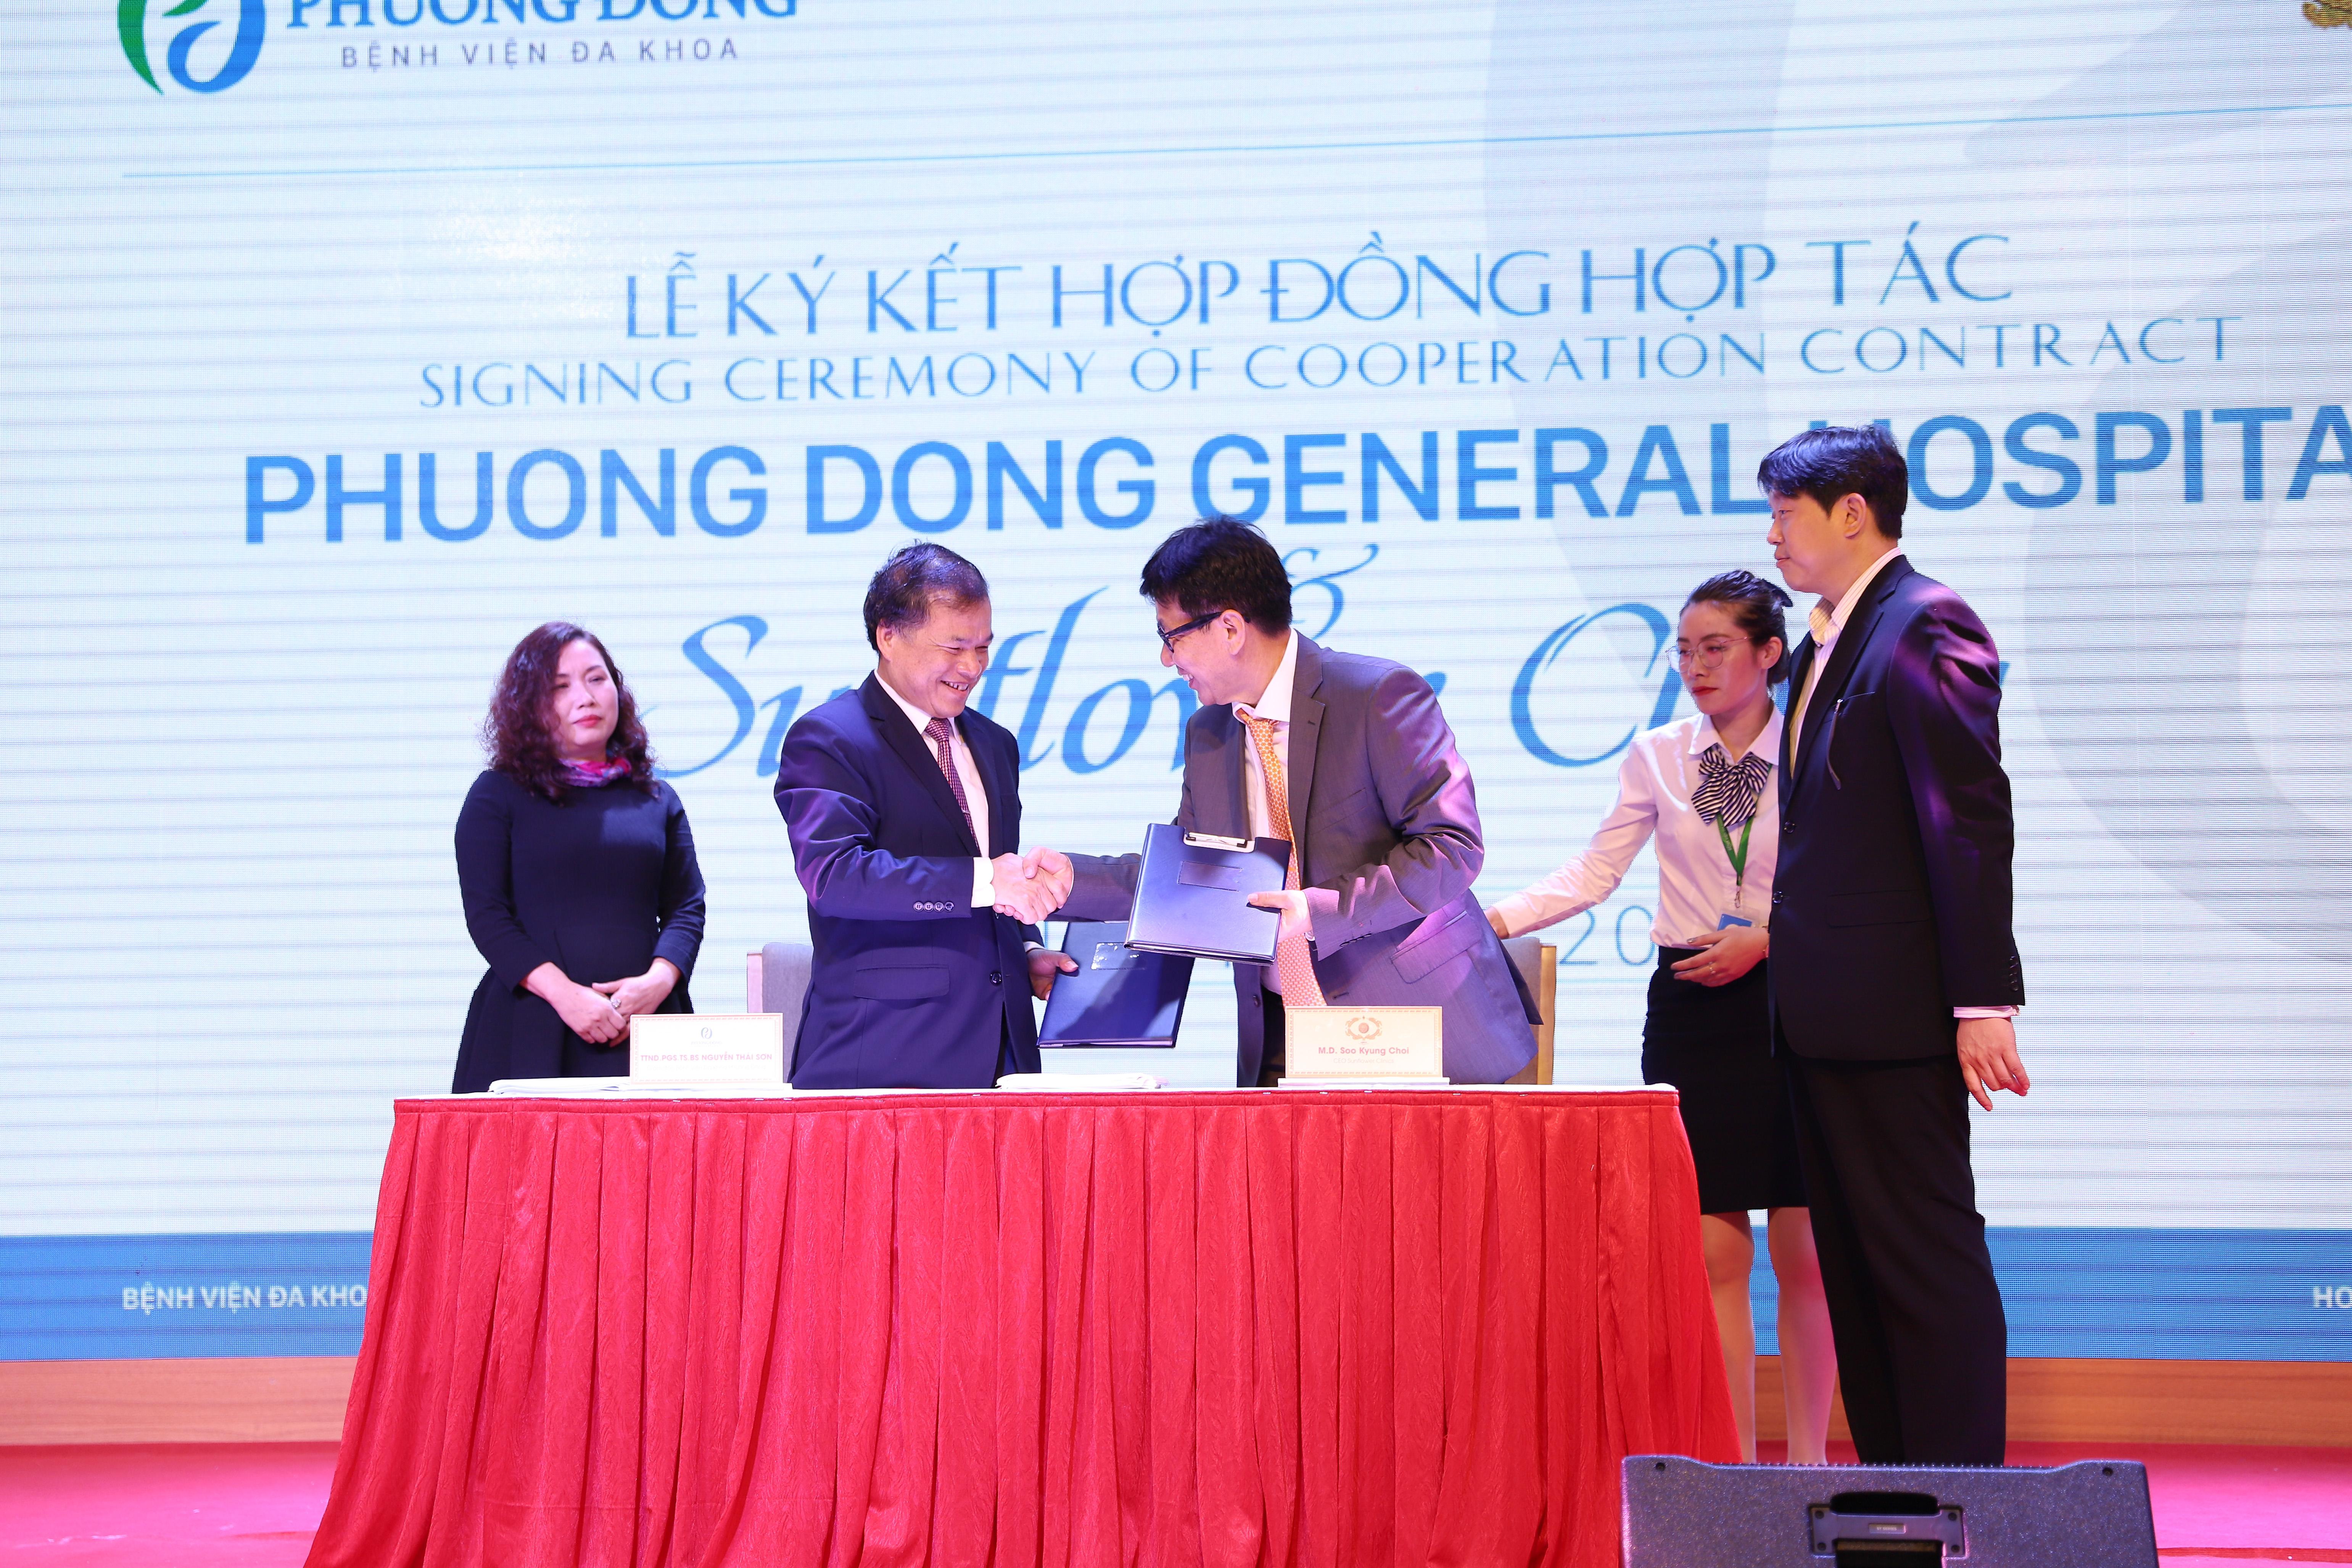 Tiên phong đưa công nghệ tế bào gốc của Hàn Quốc về Việt Nam để làm đẹp